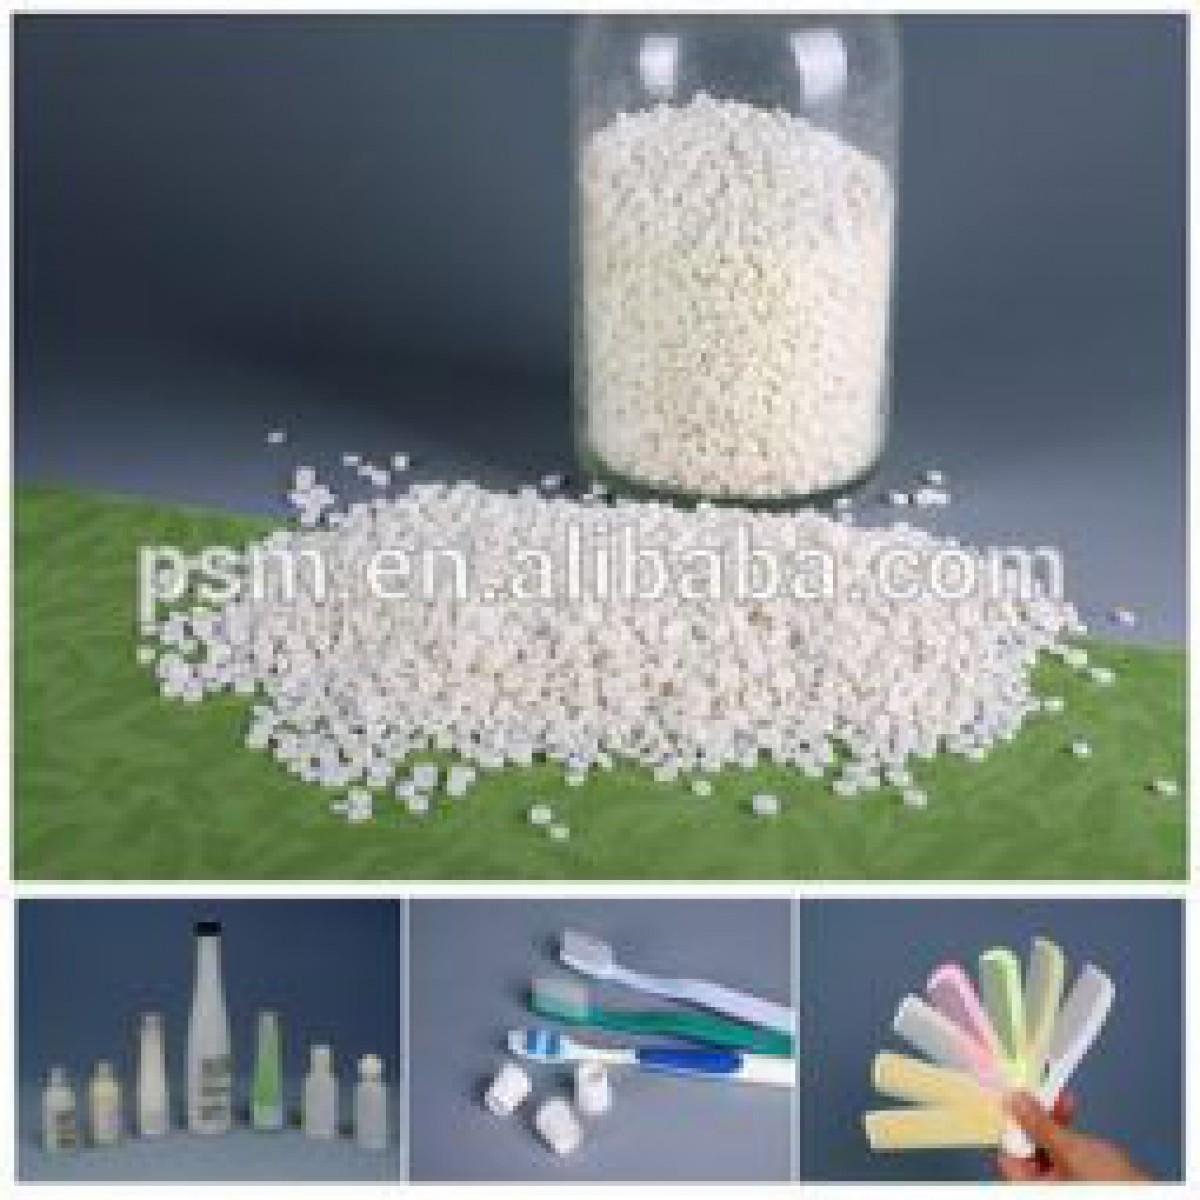 ③マイクロプラスチックに揺れる化粧品容器 ~土壌、水に溶ける原料、生分解性プラスチック脚光浴びる~(Ⅴ)